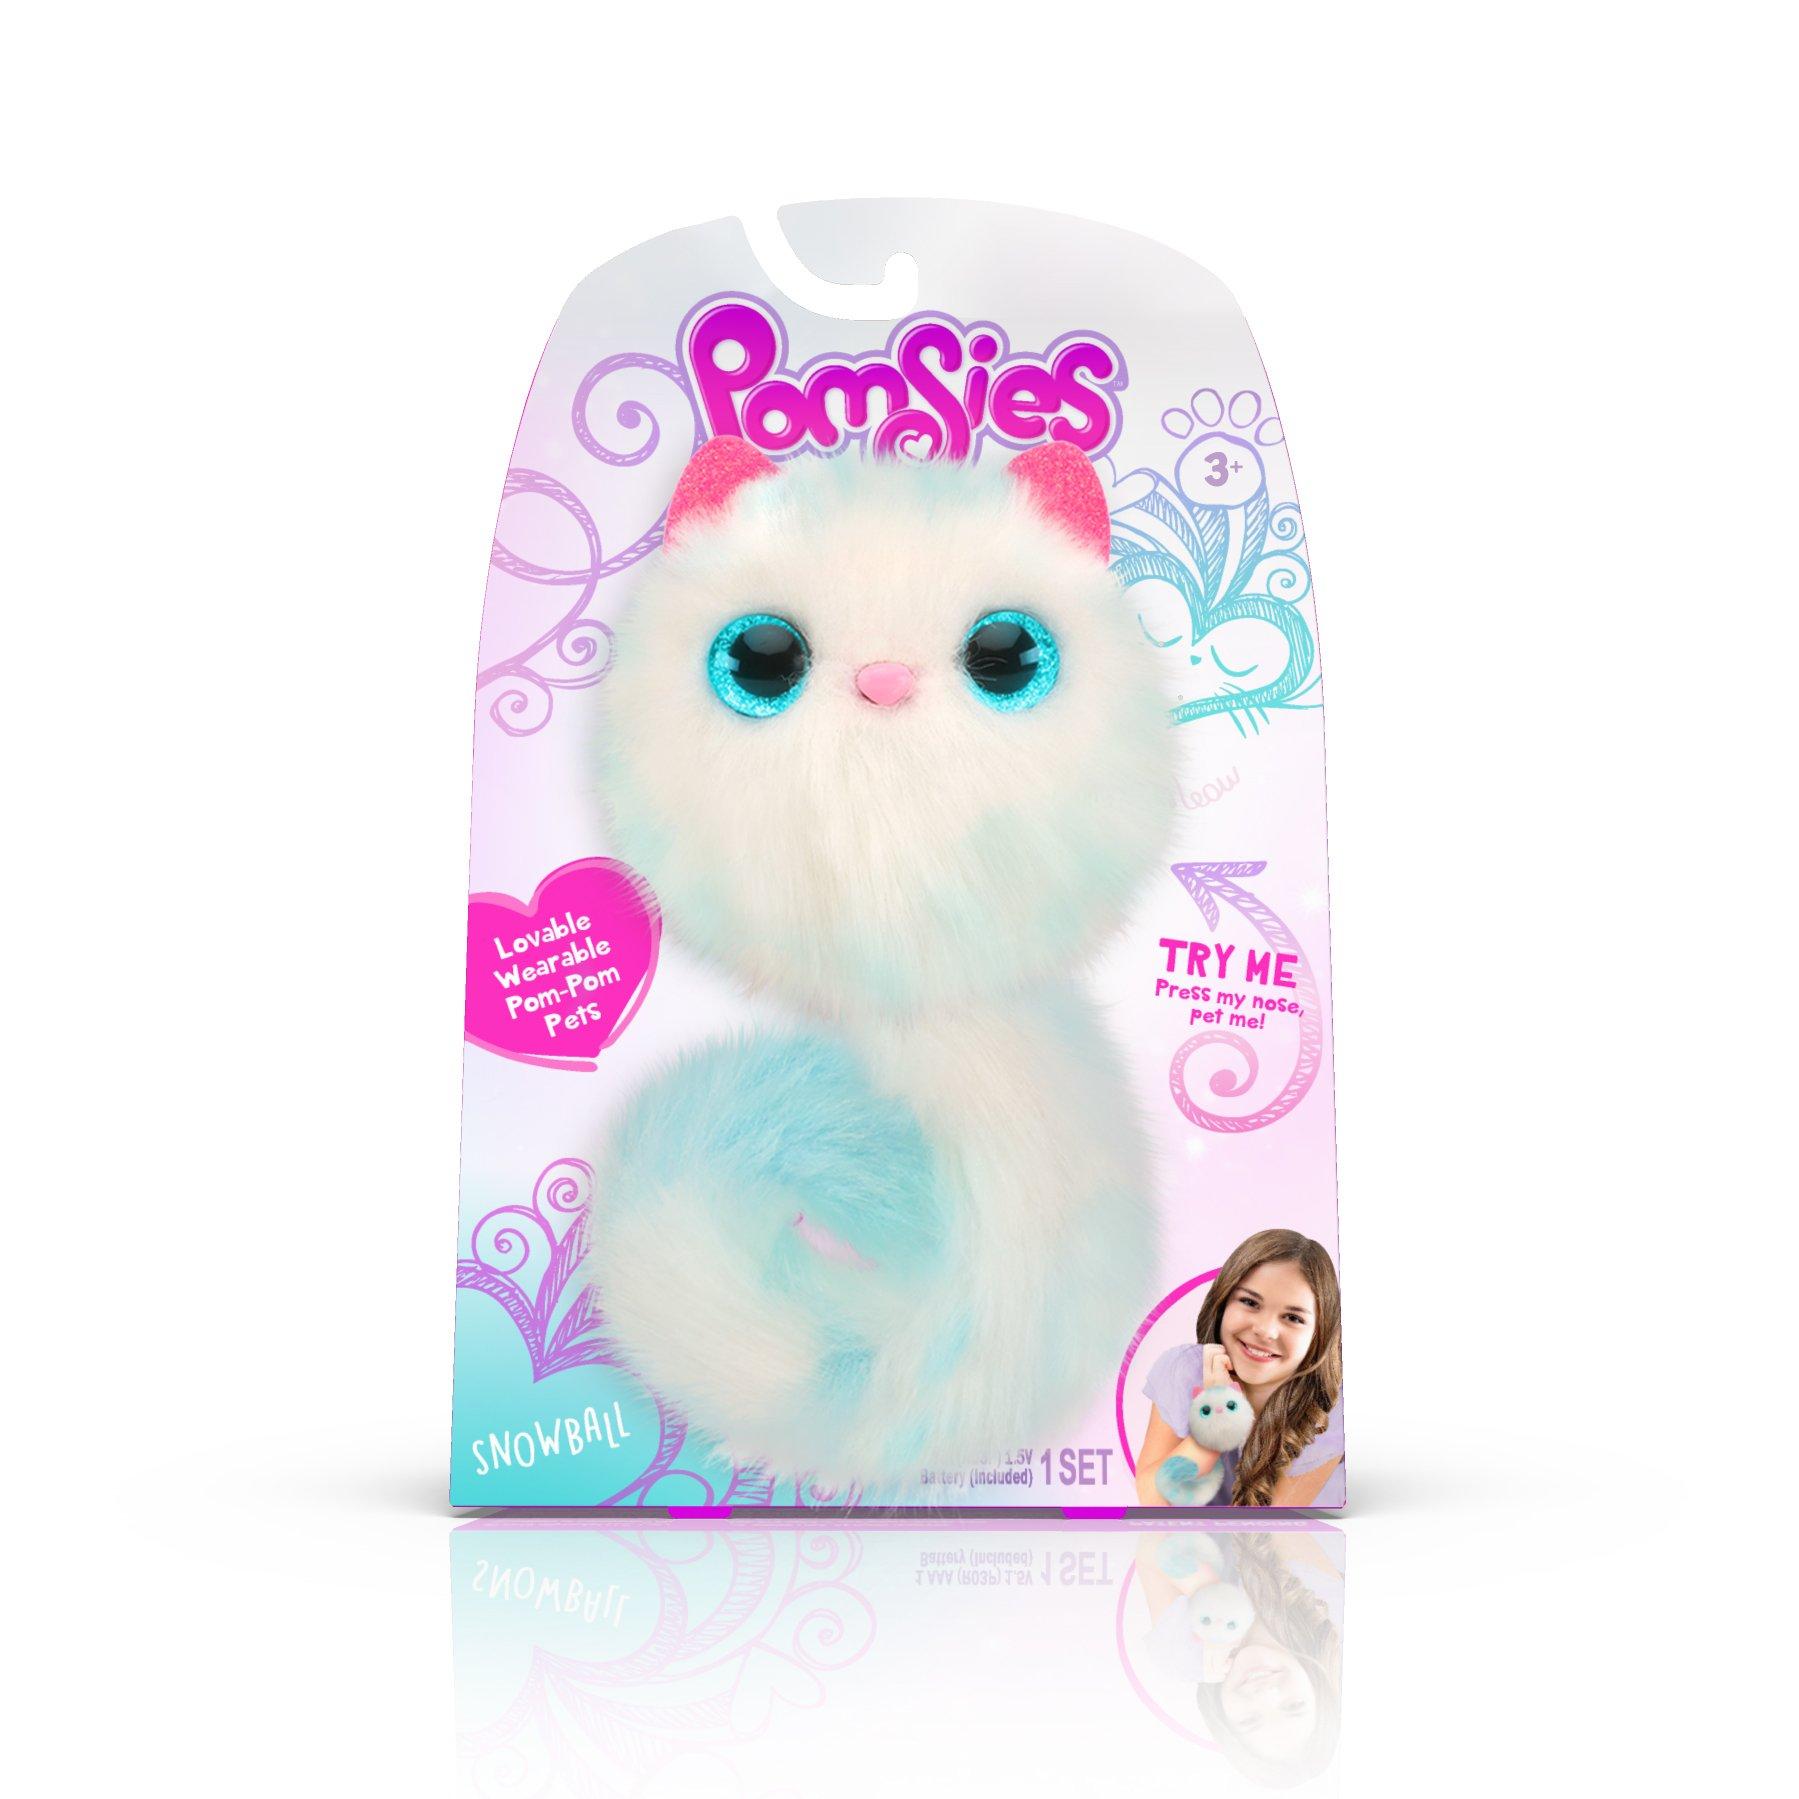 Pomsies Snowball Plush Interactive Toys, White